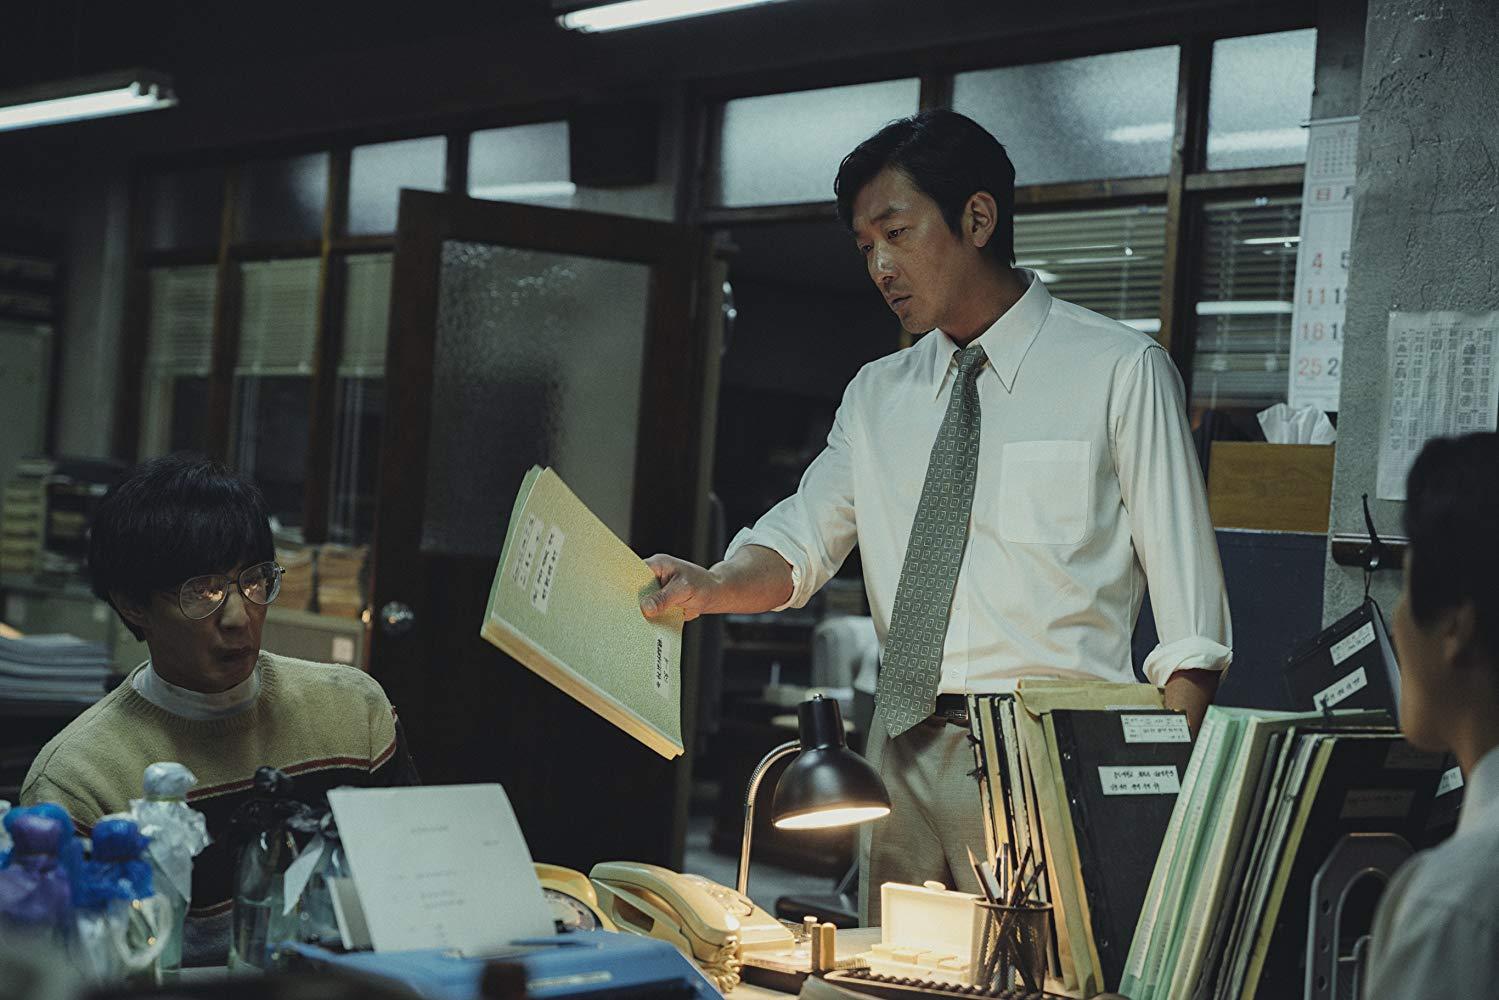 Az eltökélt ügyész (Ha Jung-woo) nem hagyja szőnyeg alá söpörni az ügyet